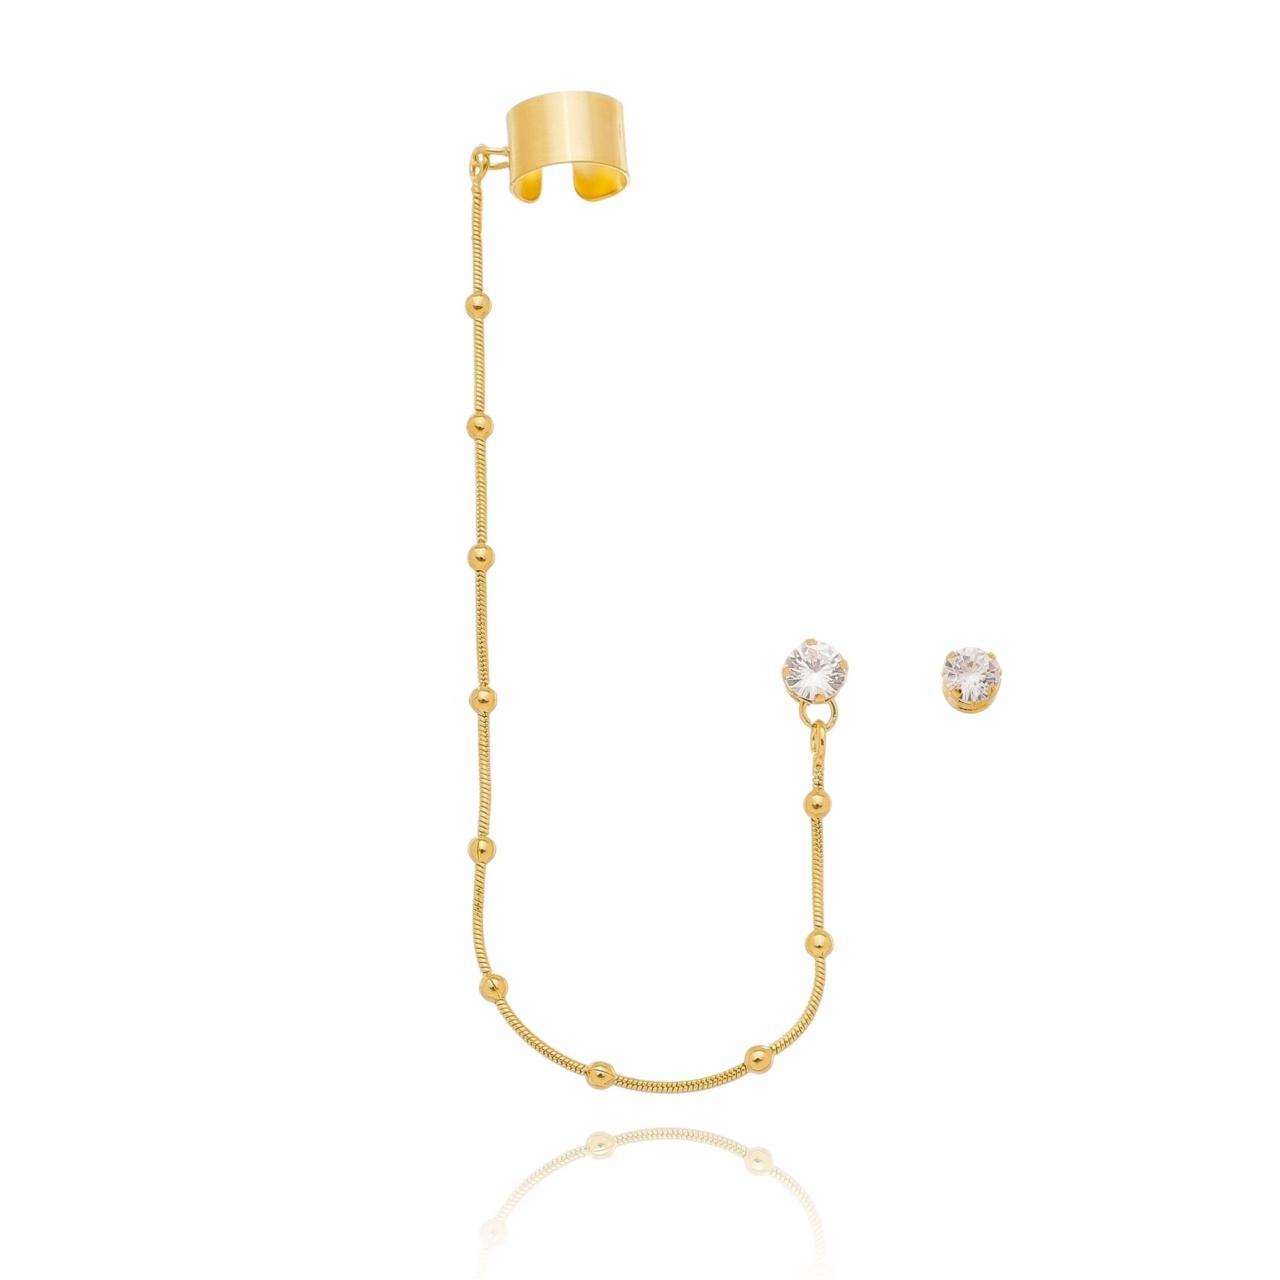 Brinco Ponto de Luz com Ear Line de Bolinhas Banhado em Ouro 18K